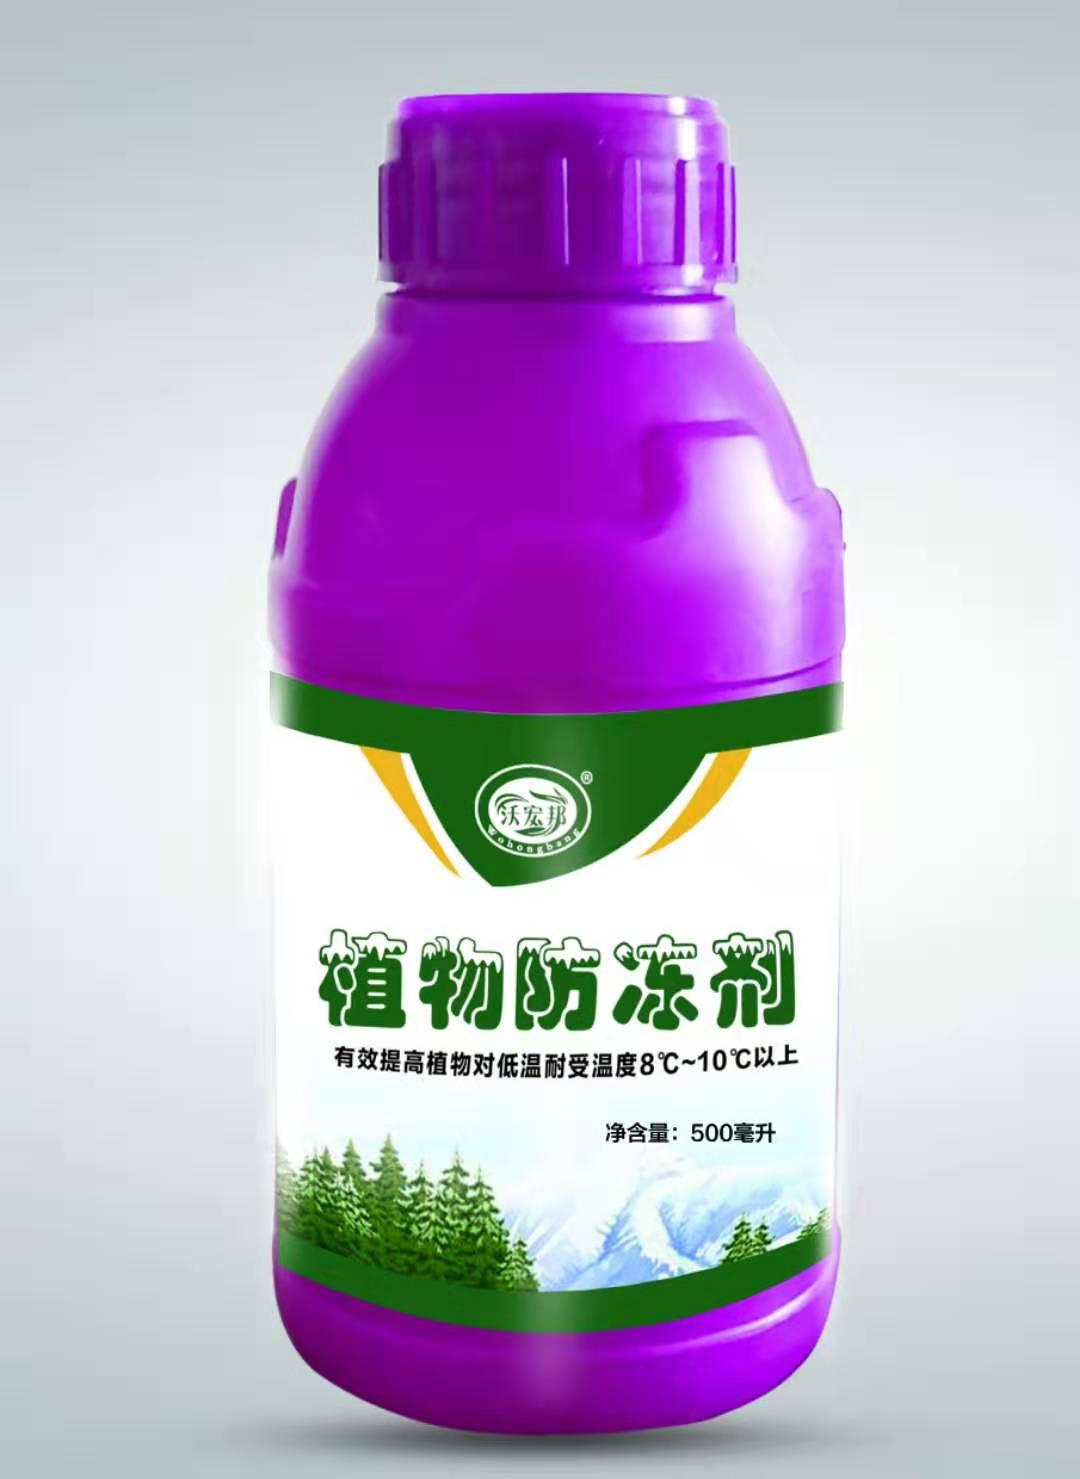 植物防冻剂   降低植物冰点8~10度